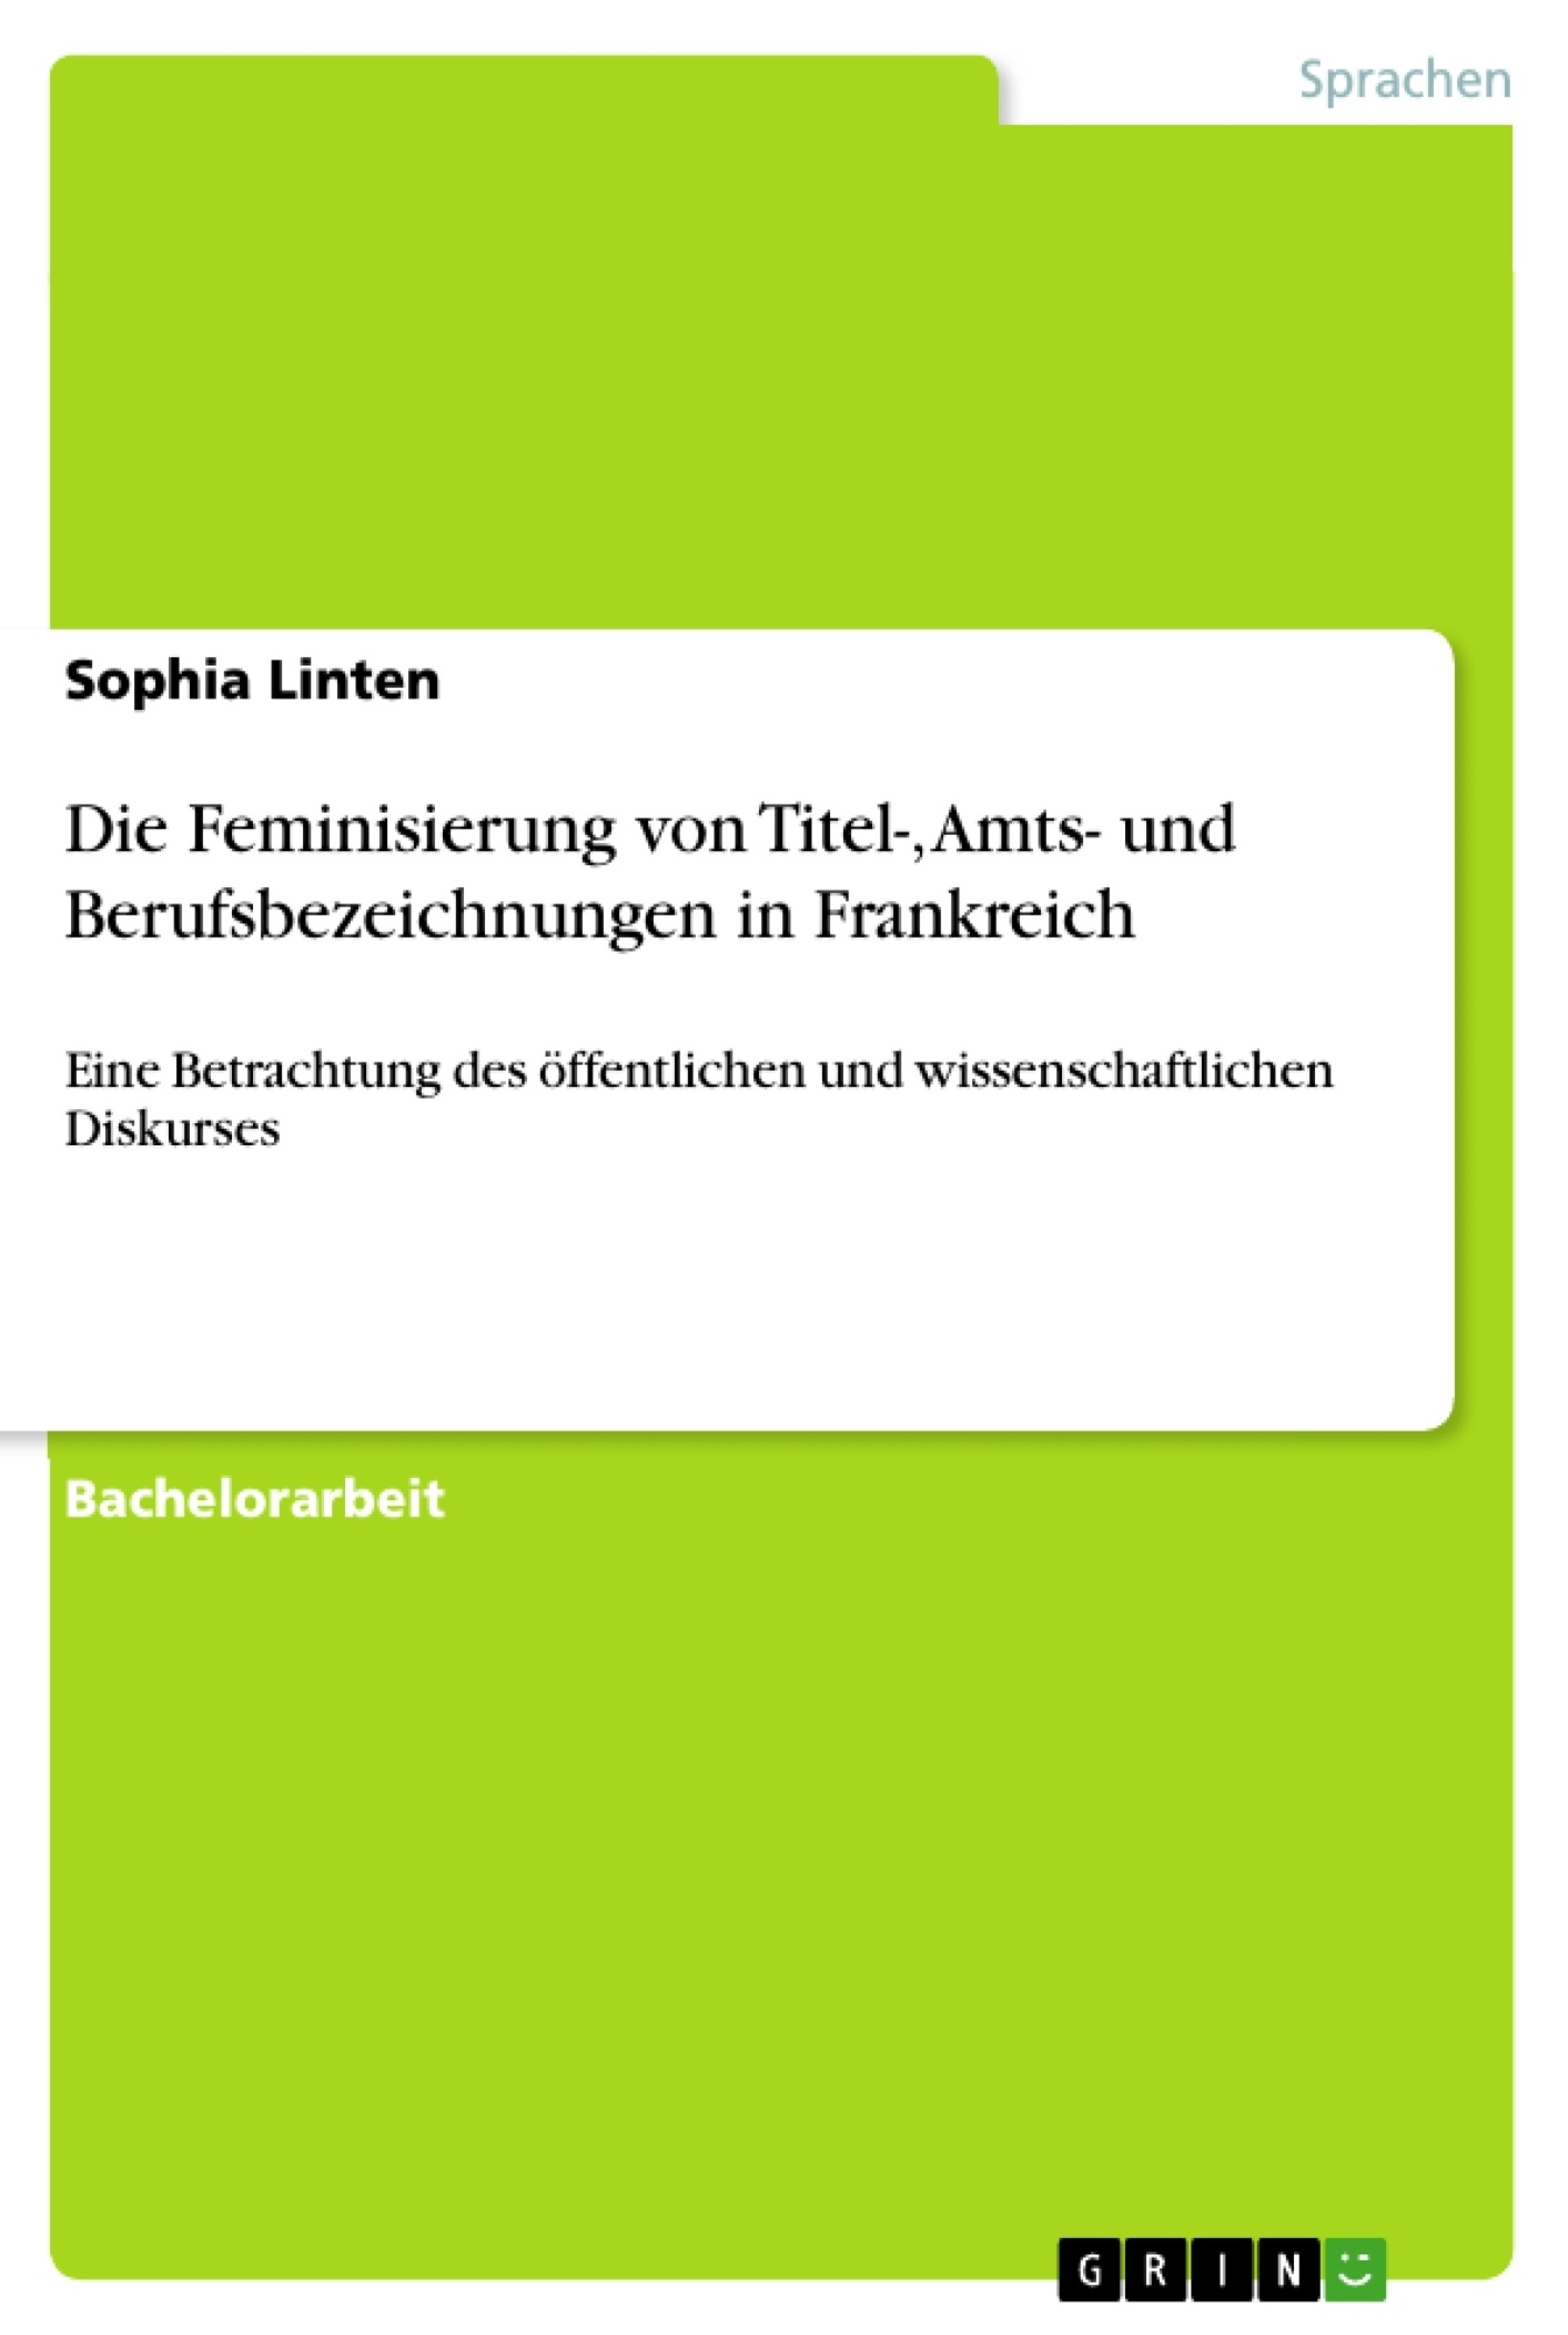 Titel: Die Feminisierung von Titel-, Amts- und Berufsbezeichnungen in Frankreich